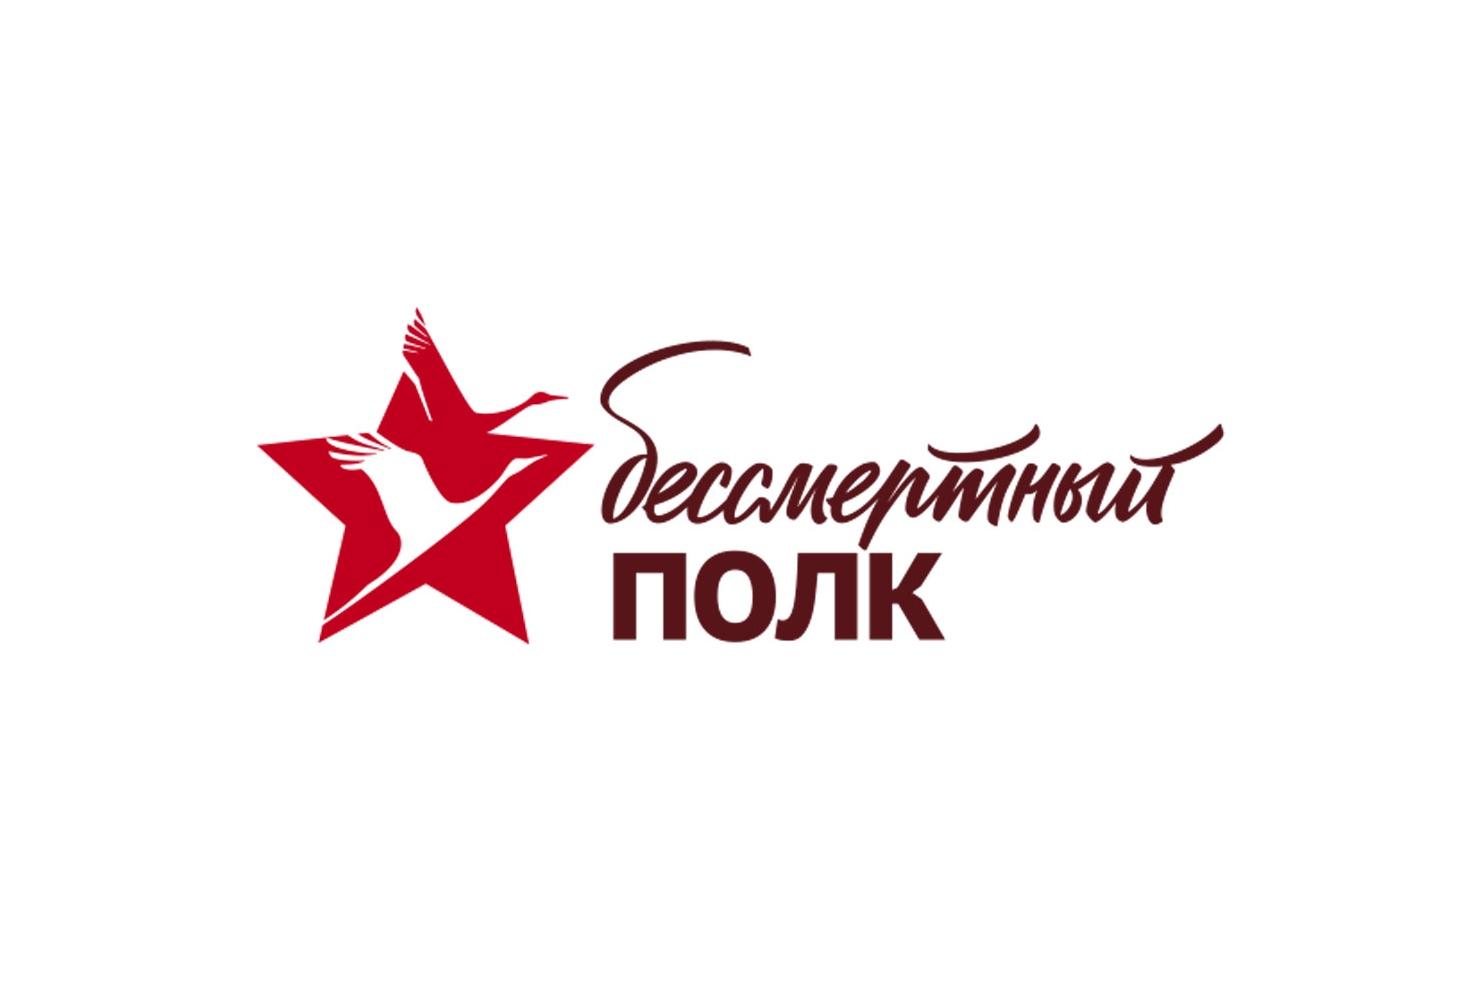 zolotarev-egor-nikolaevich